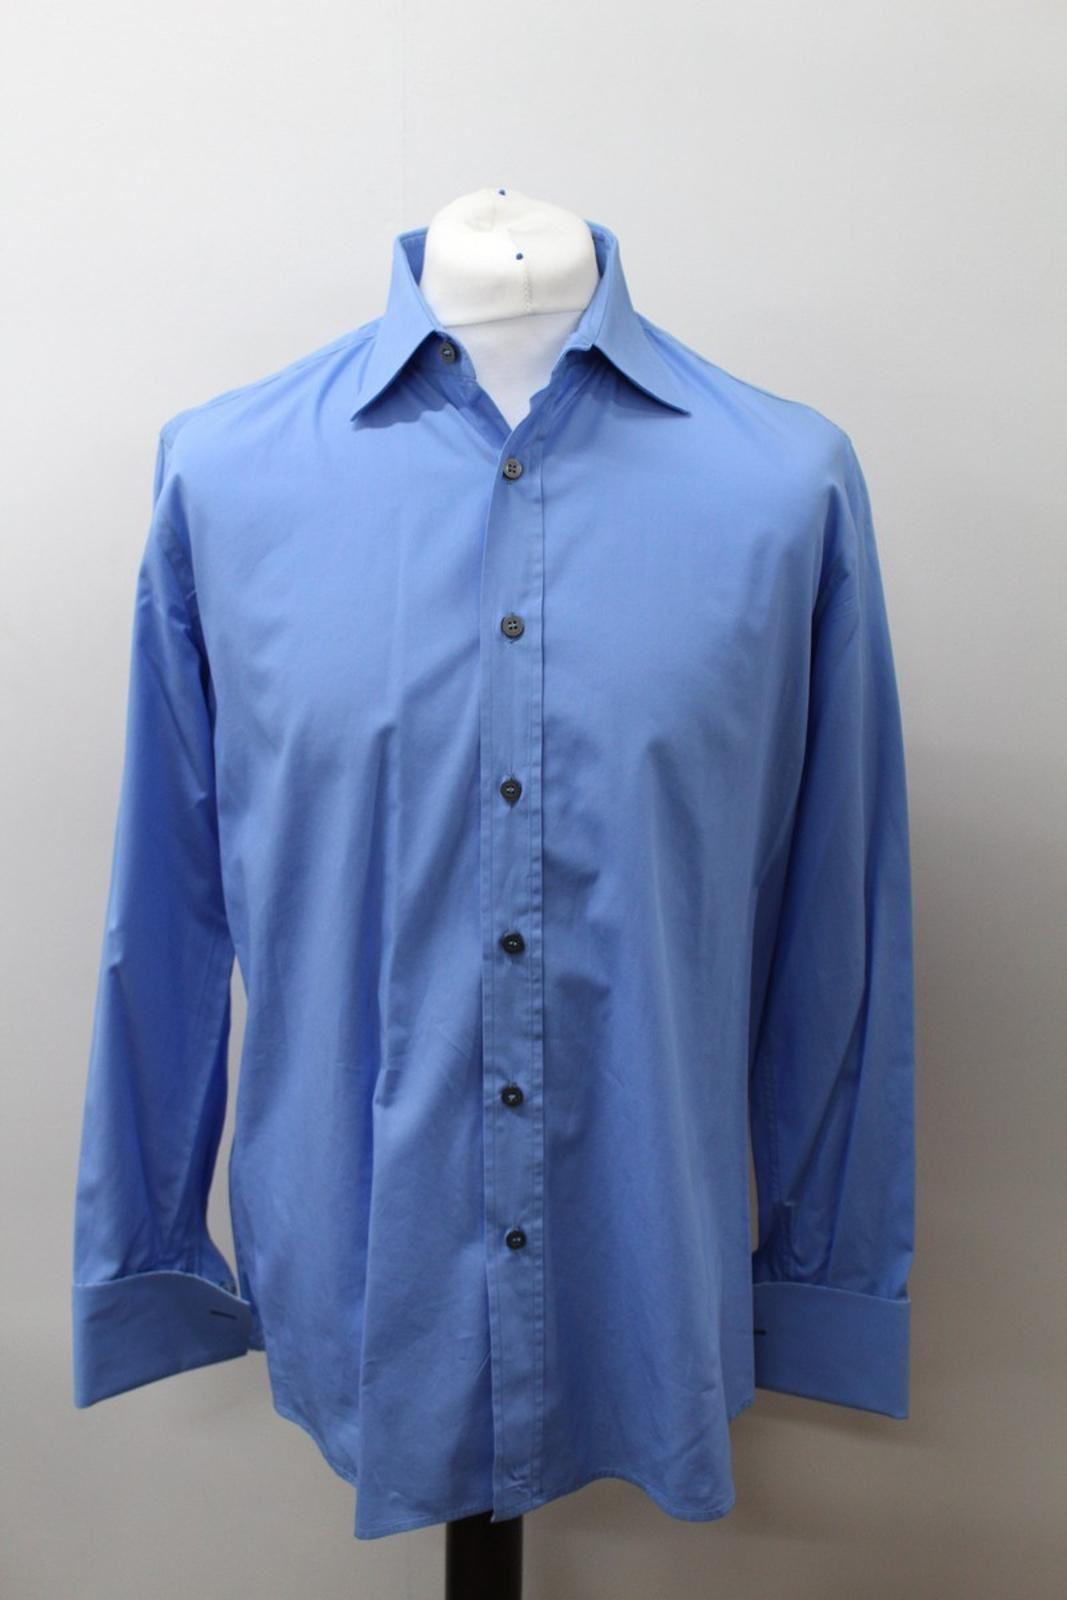 Paul-Smith-Hombres-Azul-Algodon-Mangas-Largas-Camisa-De-Puno-Doble-Cuello-16-5-034-42cm